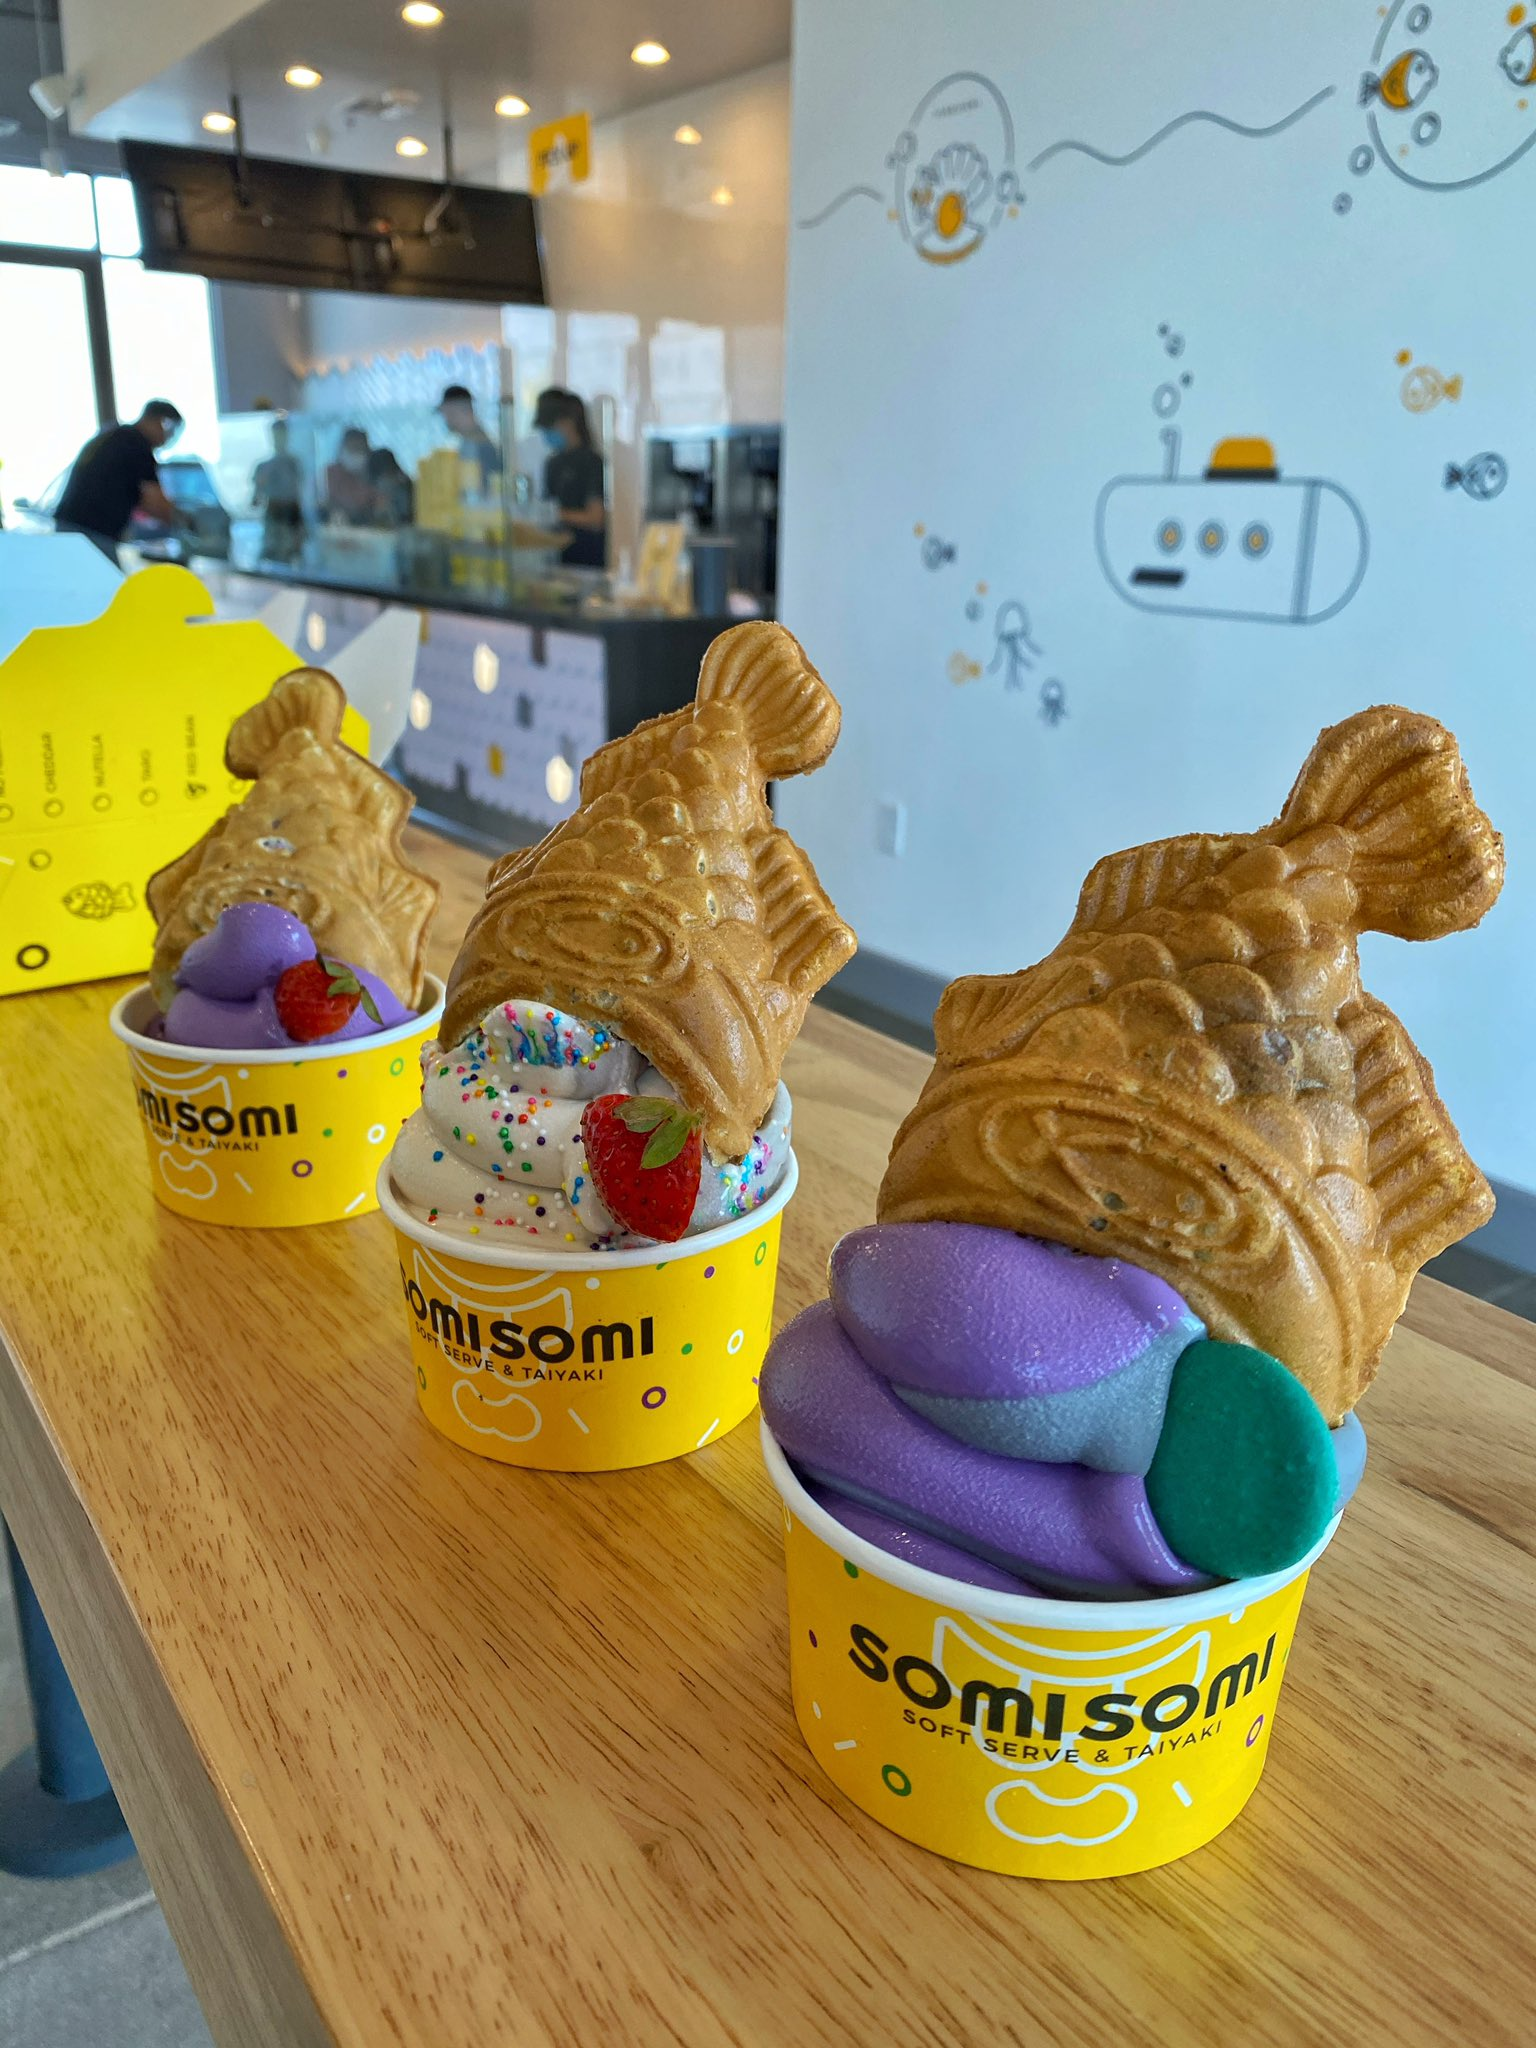 Somi Somi ice cream cones